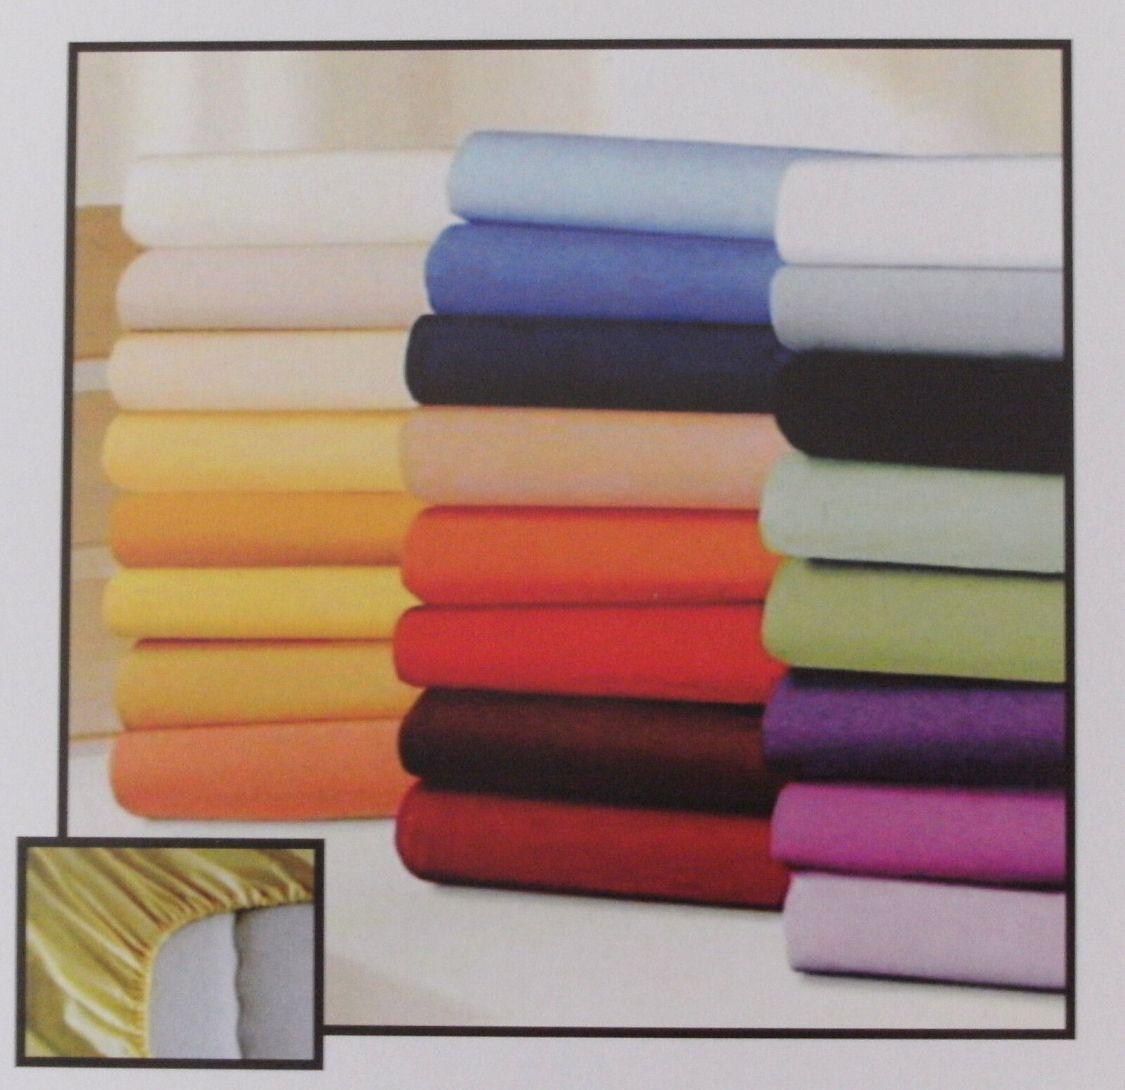 2er Set Microfaser Spannbettlaken Spannbetttücher in vielen Farben & Größen